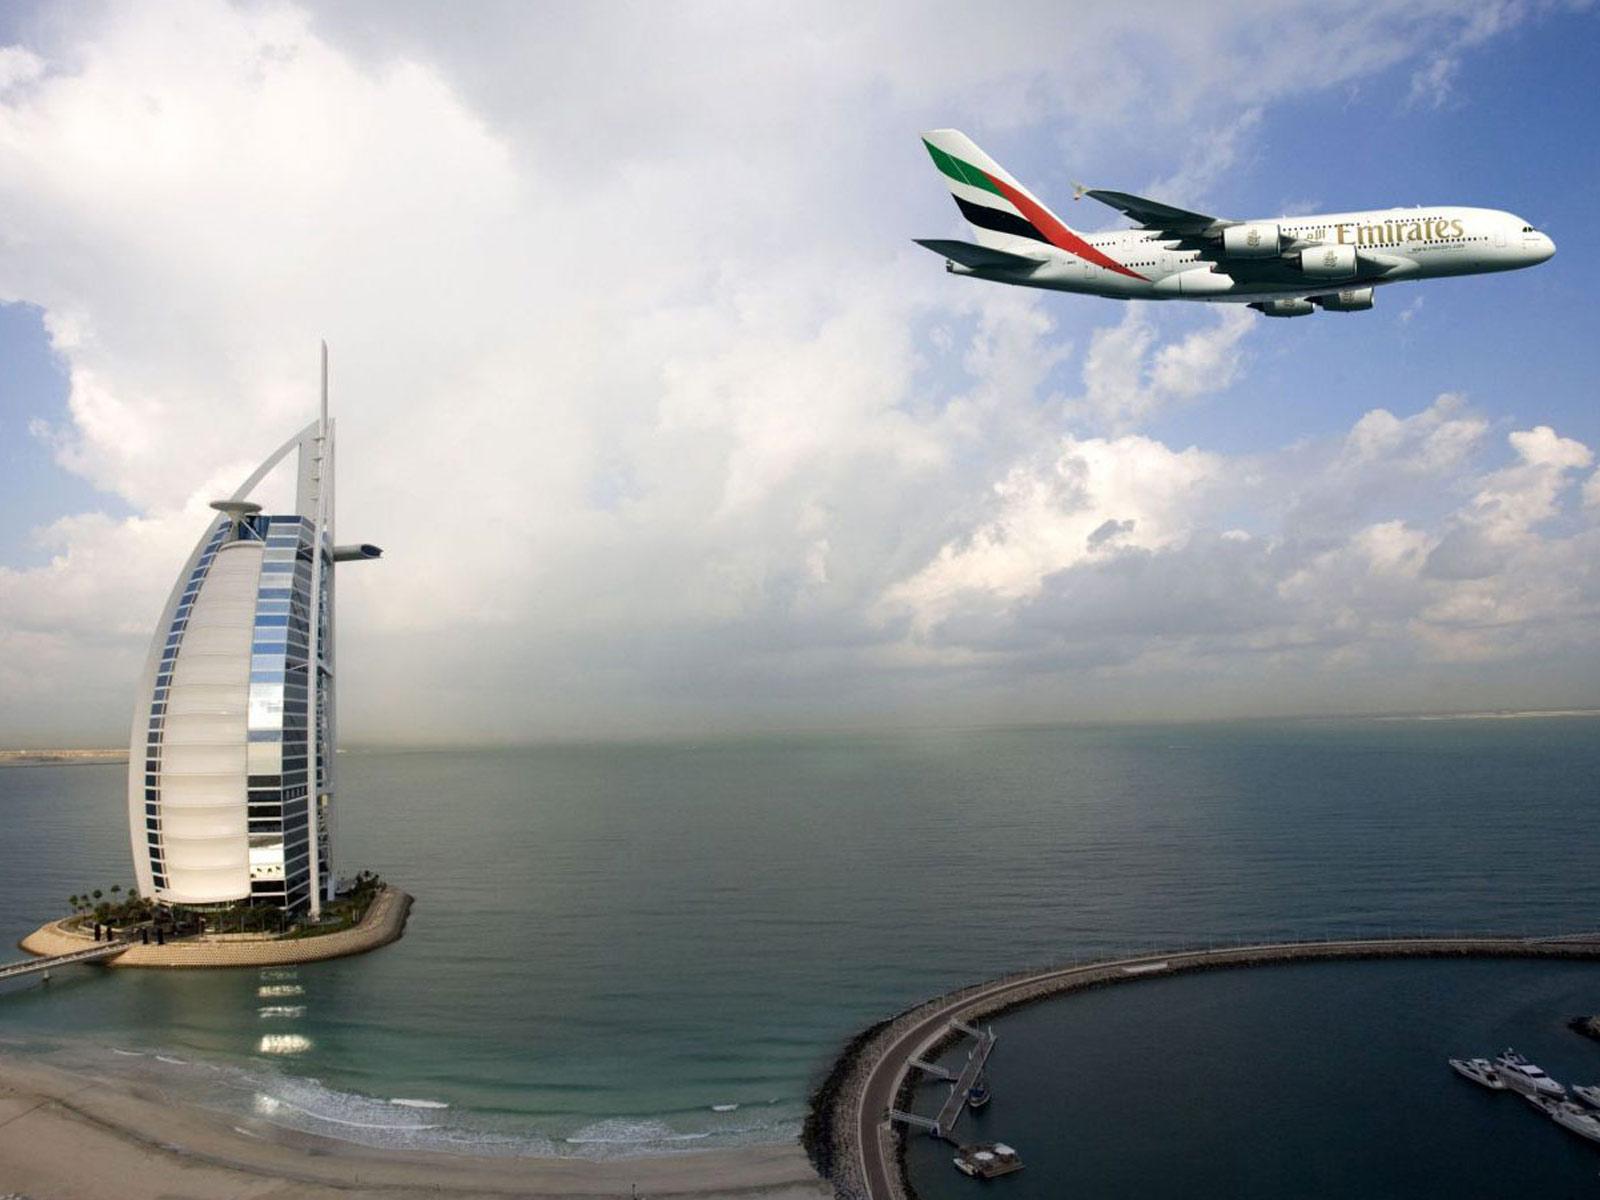 http://3.bp.blogspot.com/-nvcbKv68Dsk/UABx7jwXH8I/AAAAAAAAKk4/qQqUMIiVXjs/s1600/Emirates-Dubai-Burj-Al-Arab-HD-Wallpapers.jpg